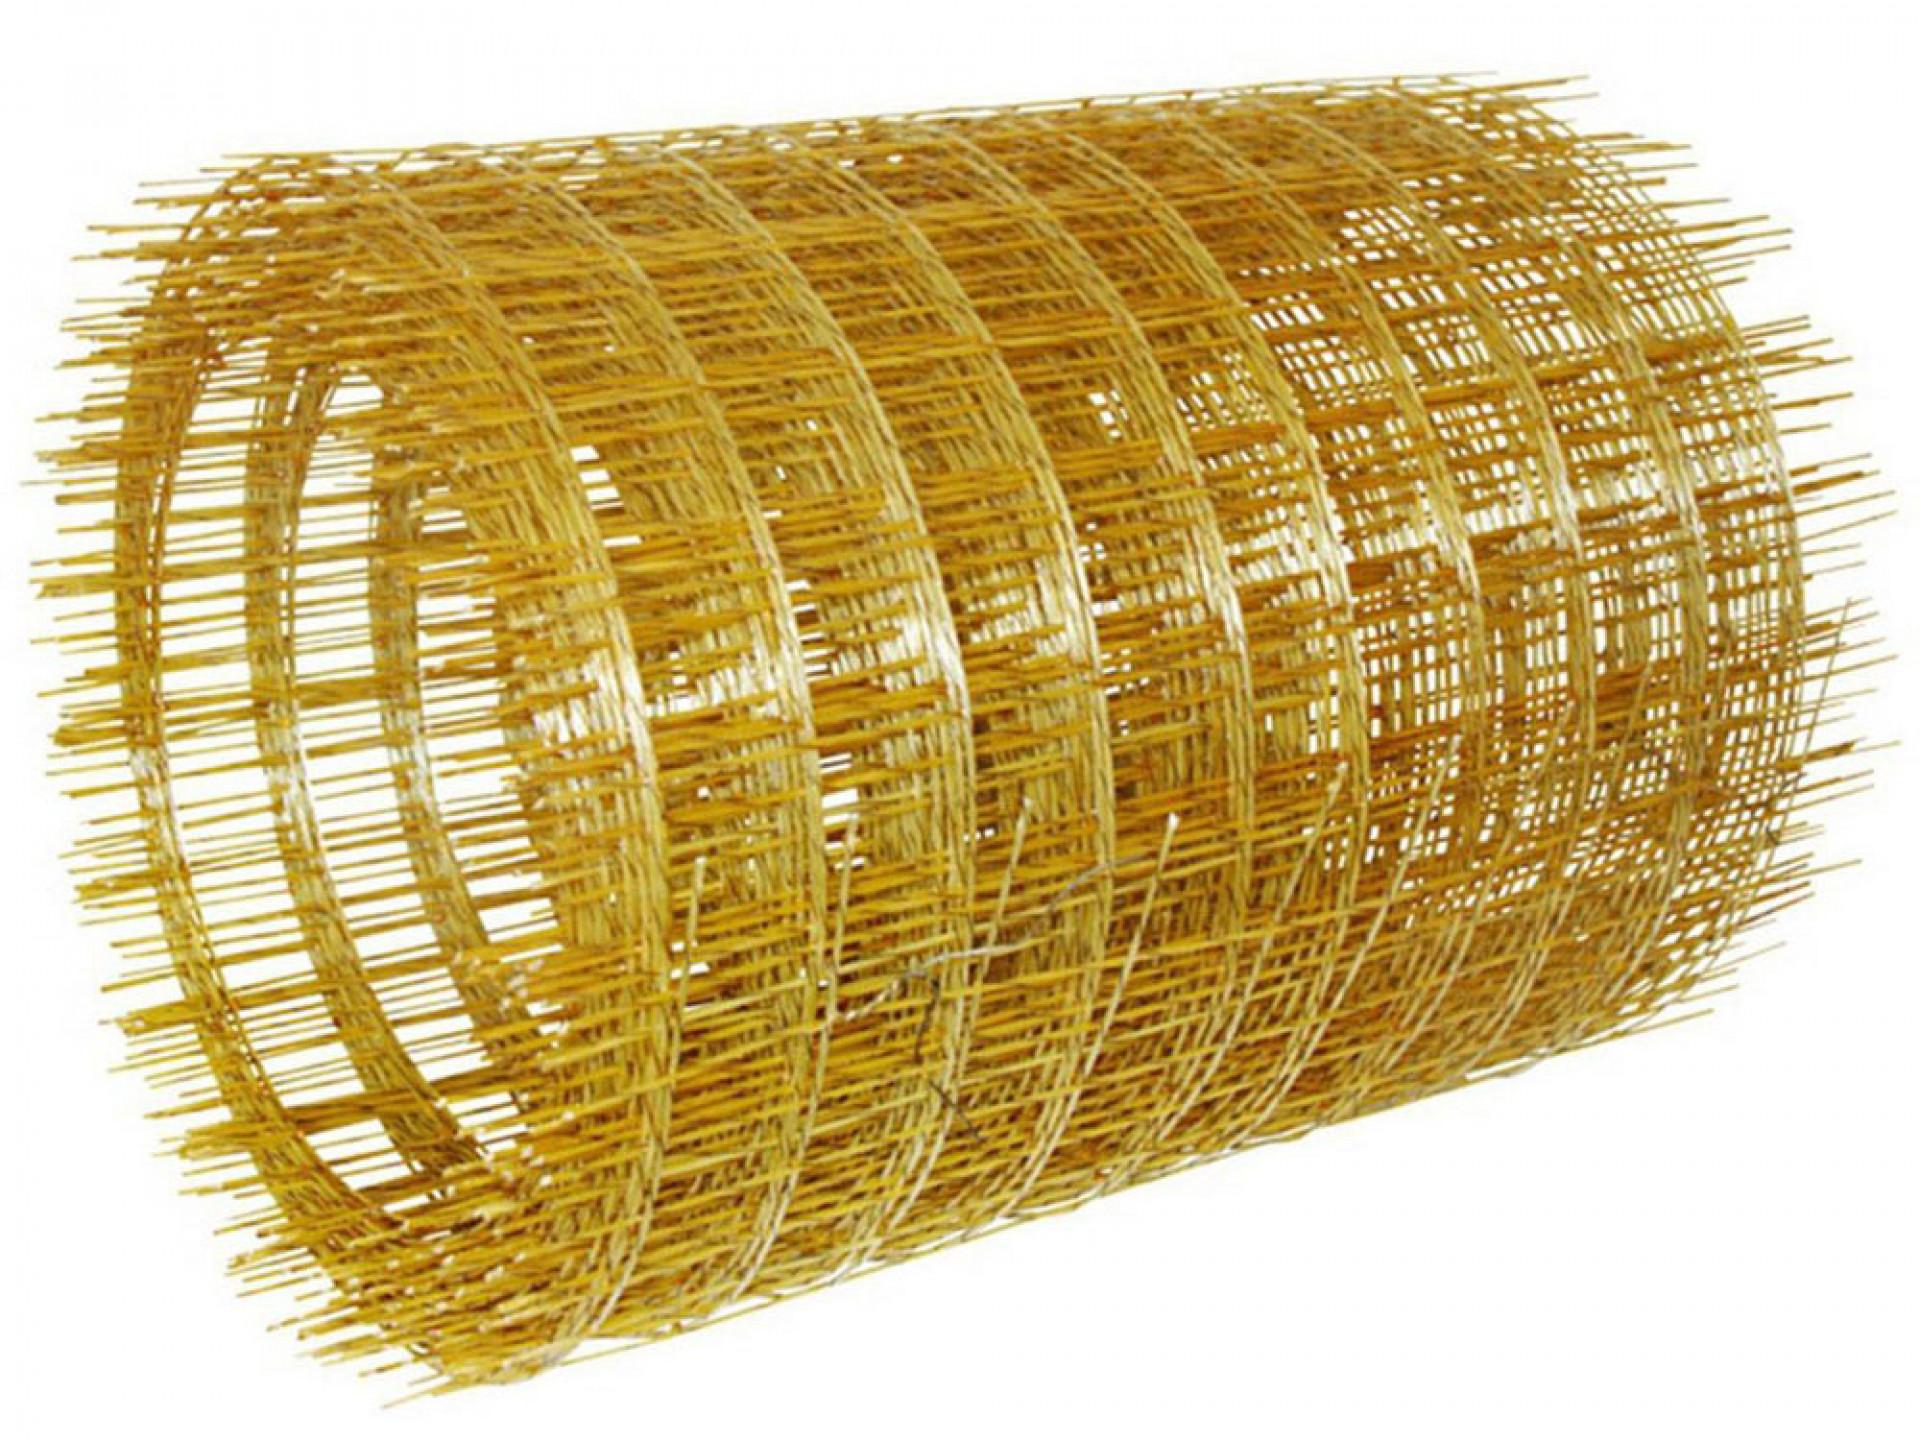 Сетка композитная, размер ячейки 150x150 мм, толщина 3 мм в Волгограде